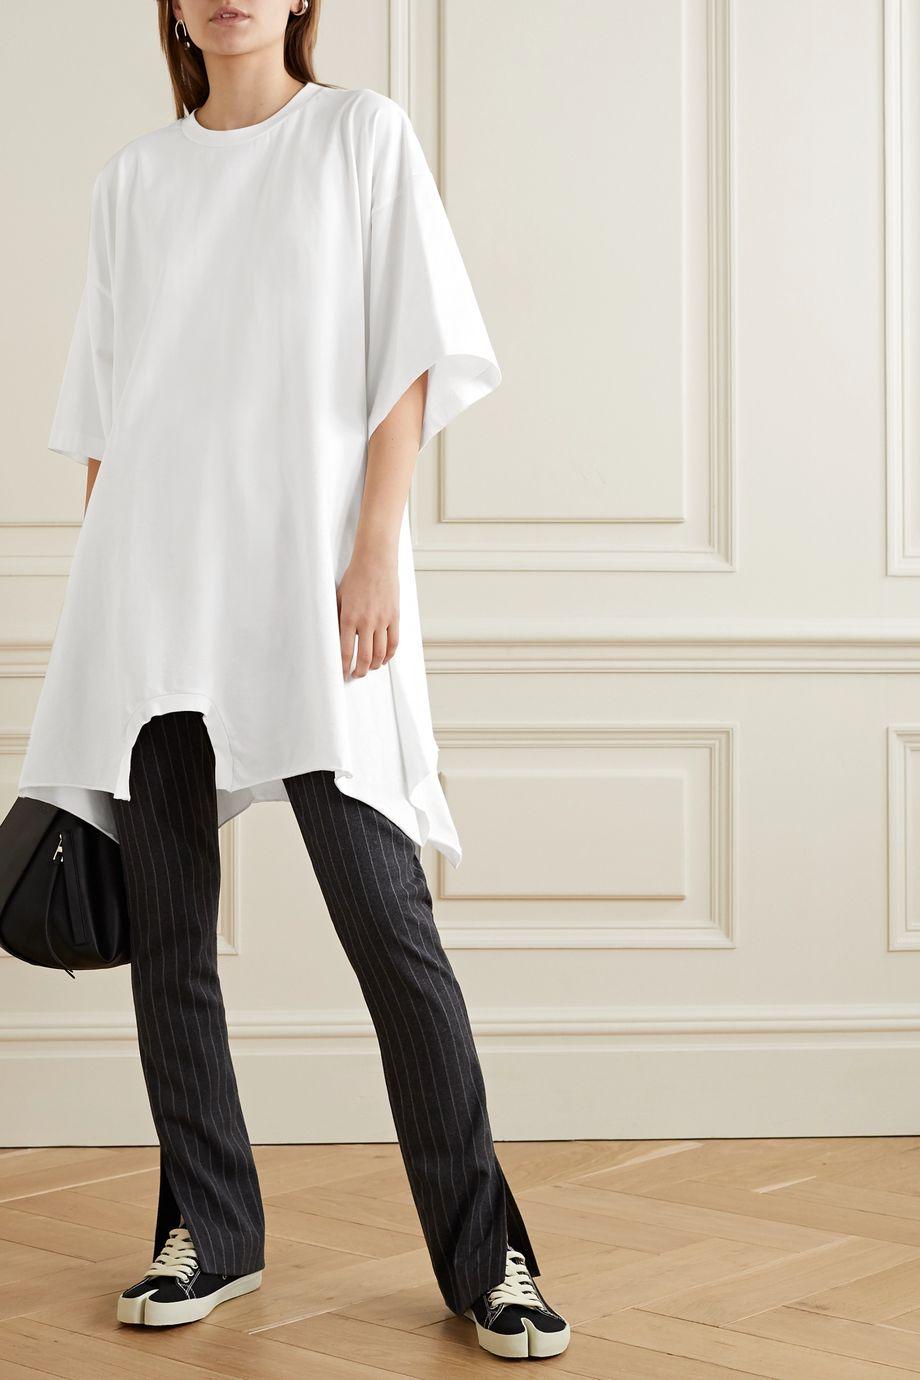 MM6 Maison Margiela Asymmetrisches Oversized-Kleid aus Baumwoll-Jersey